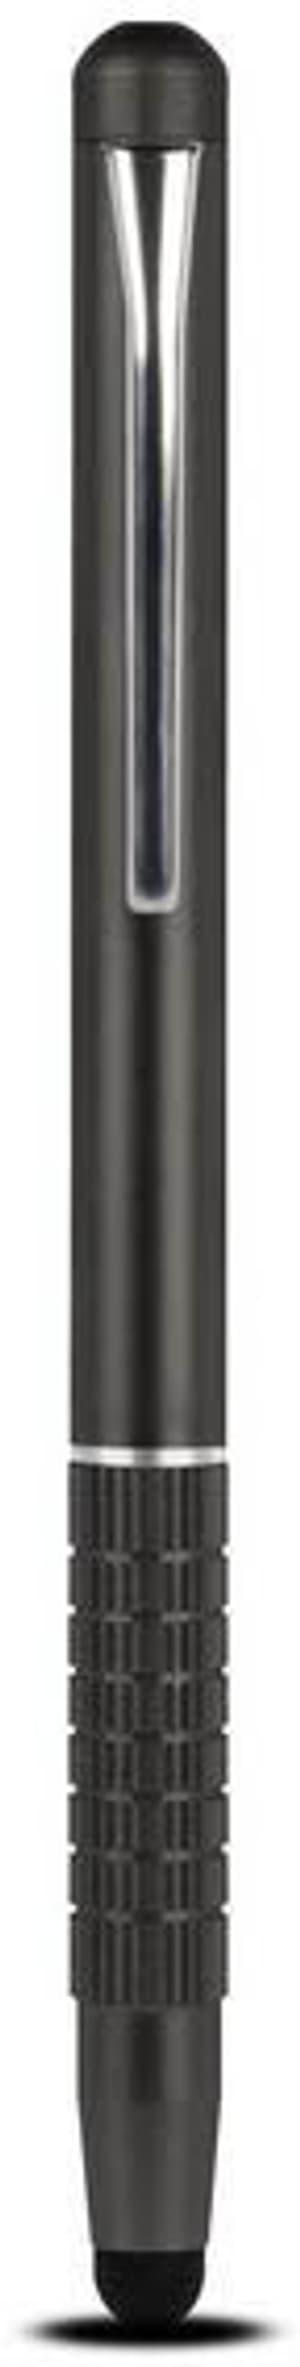 Touchscreen Pen QUILL